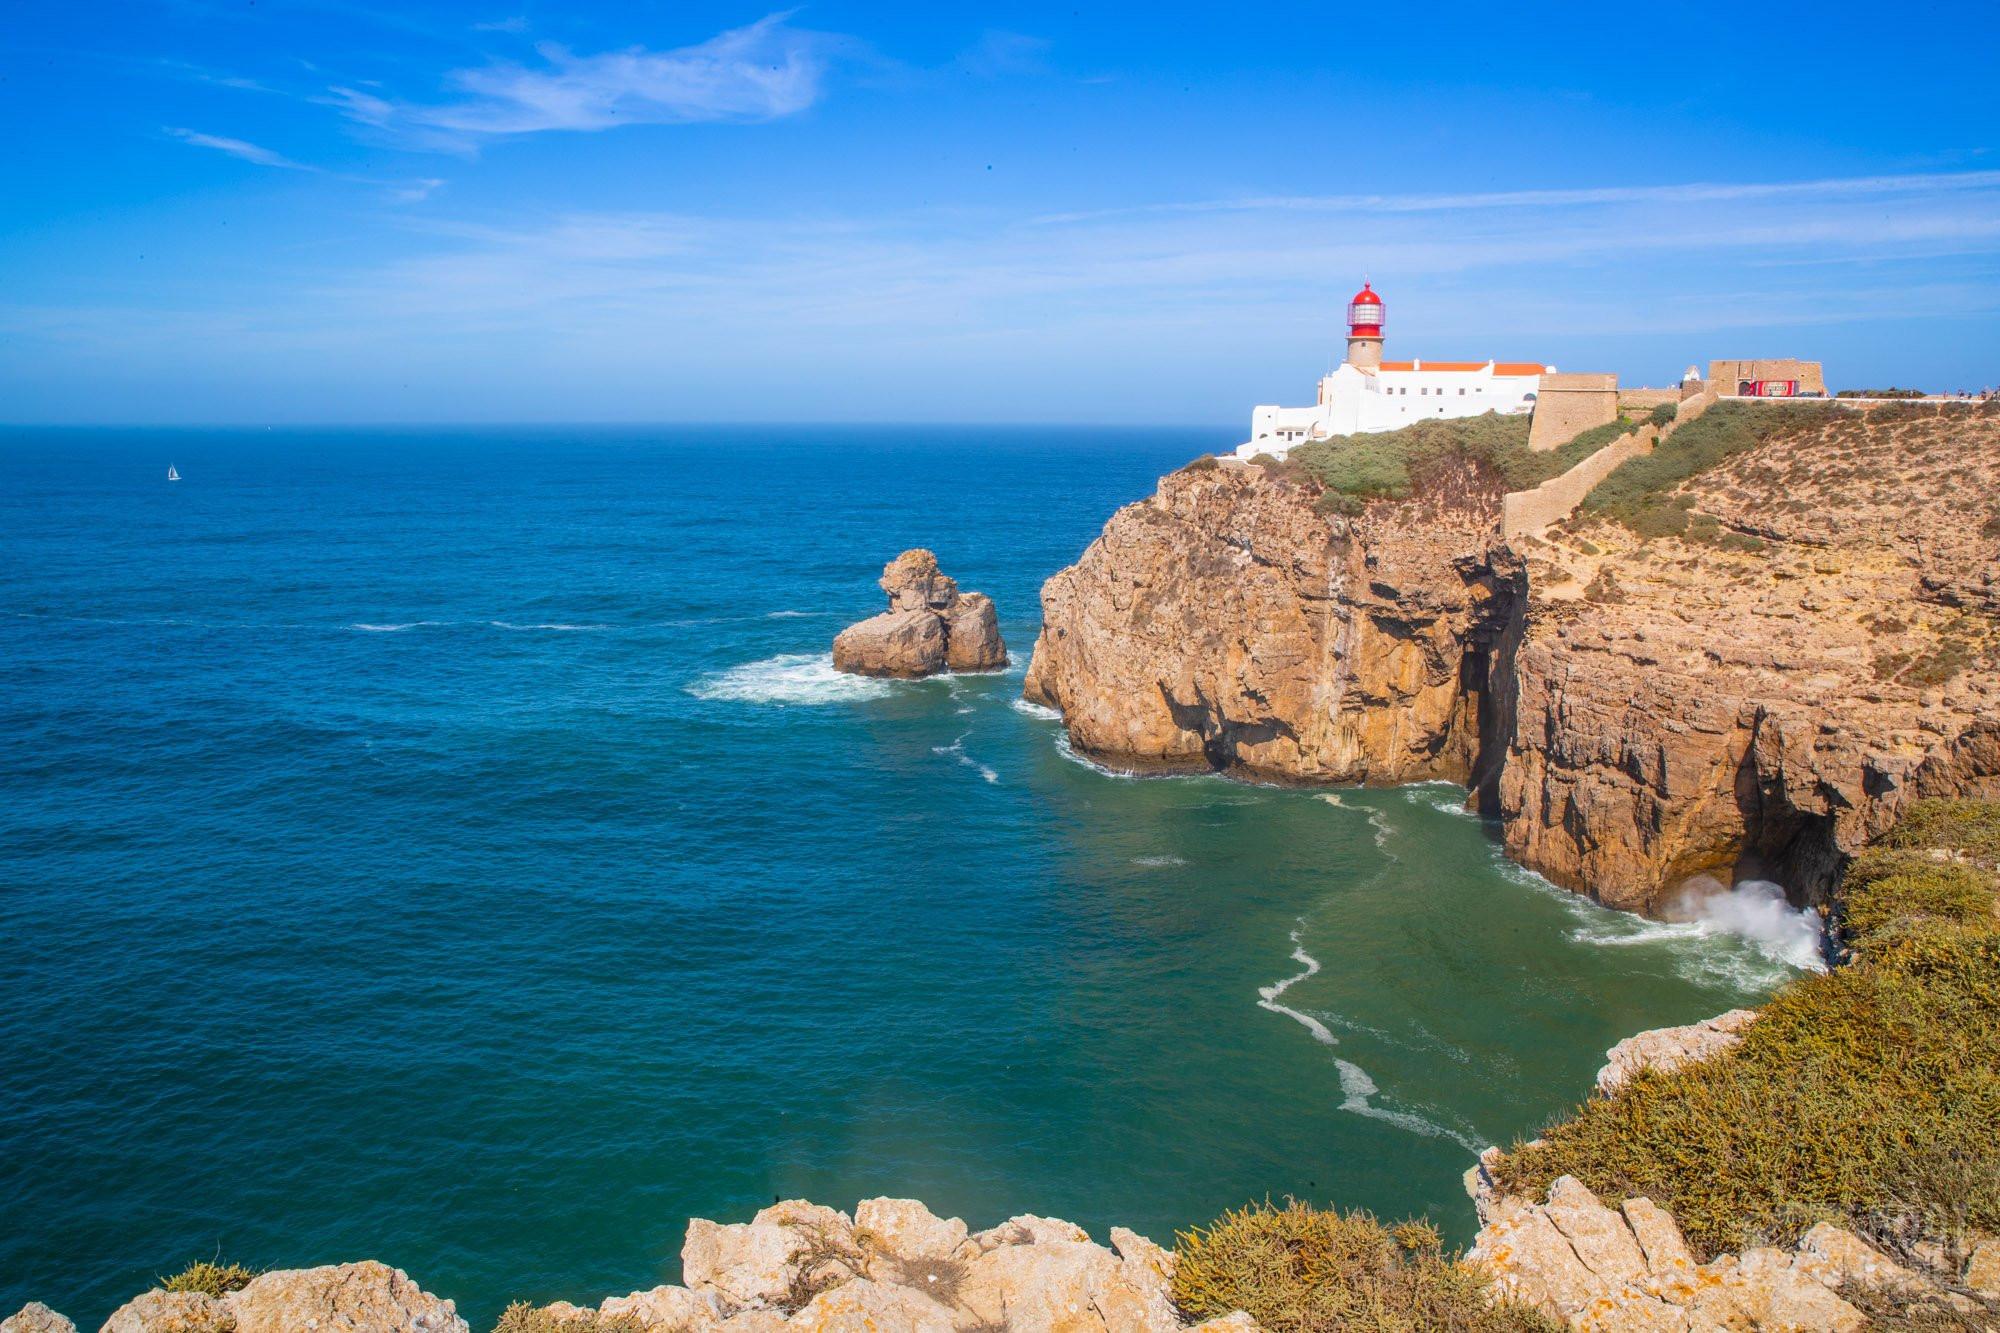 Farol do Cabo de Sao Vincente Portugal